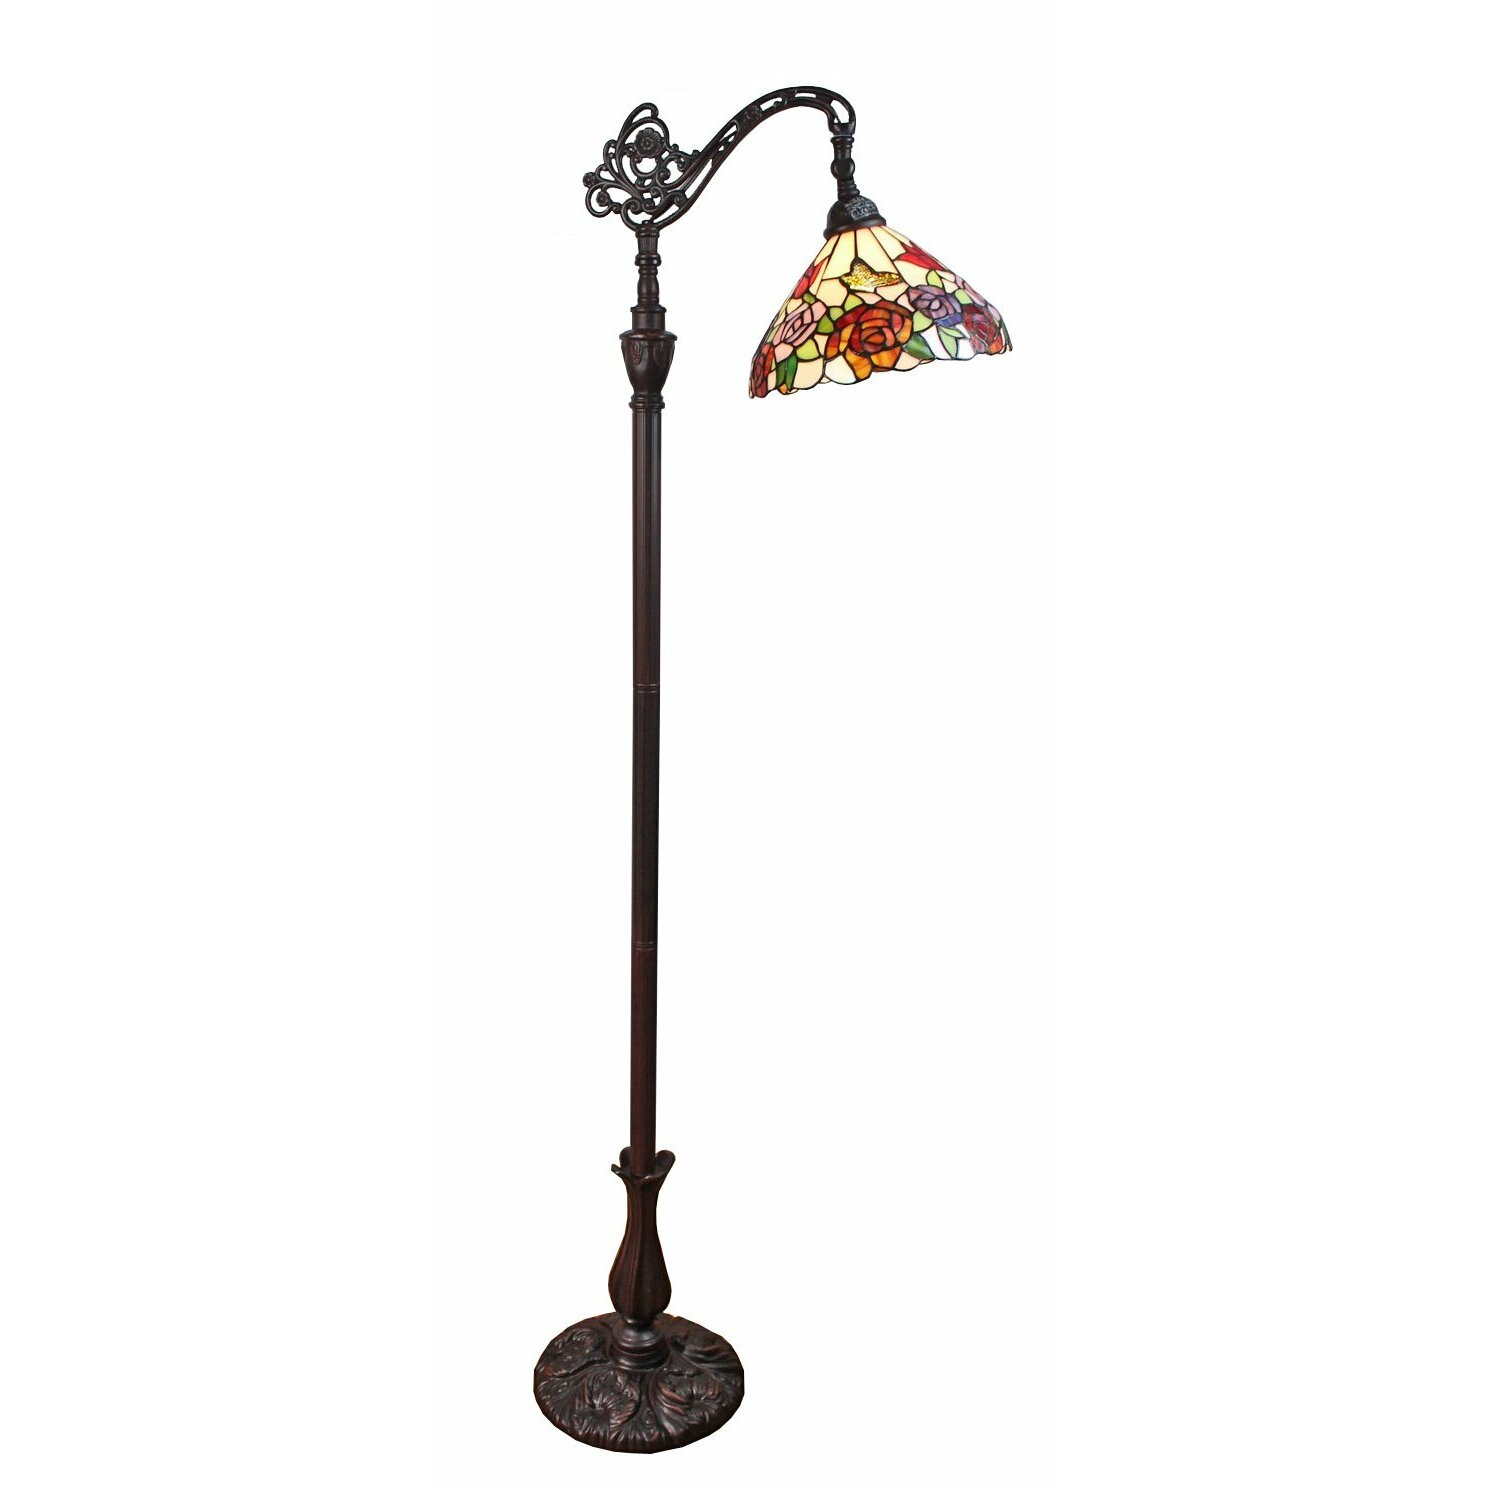 Amoralighting roses 62 task floor lamp for Task lighting floor lamp